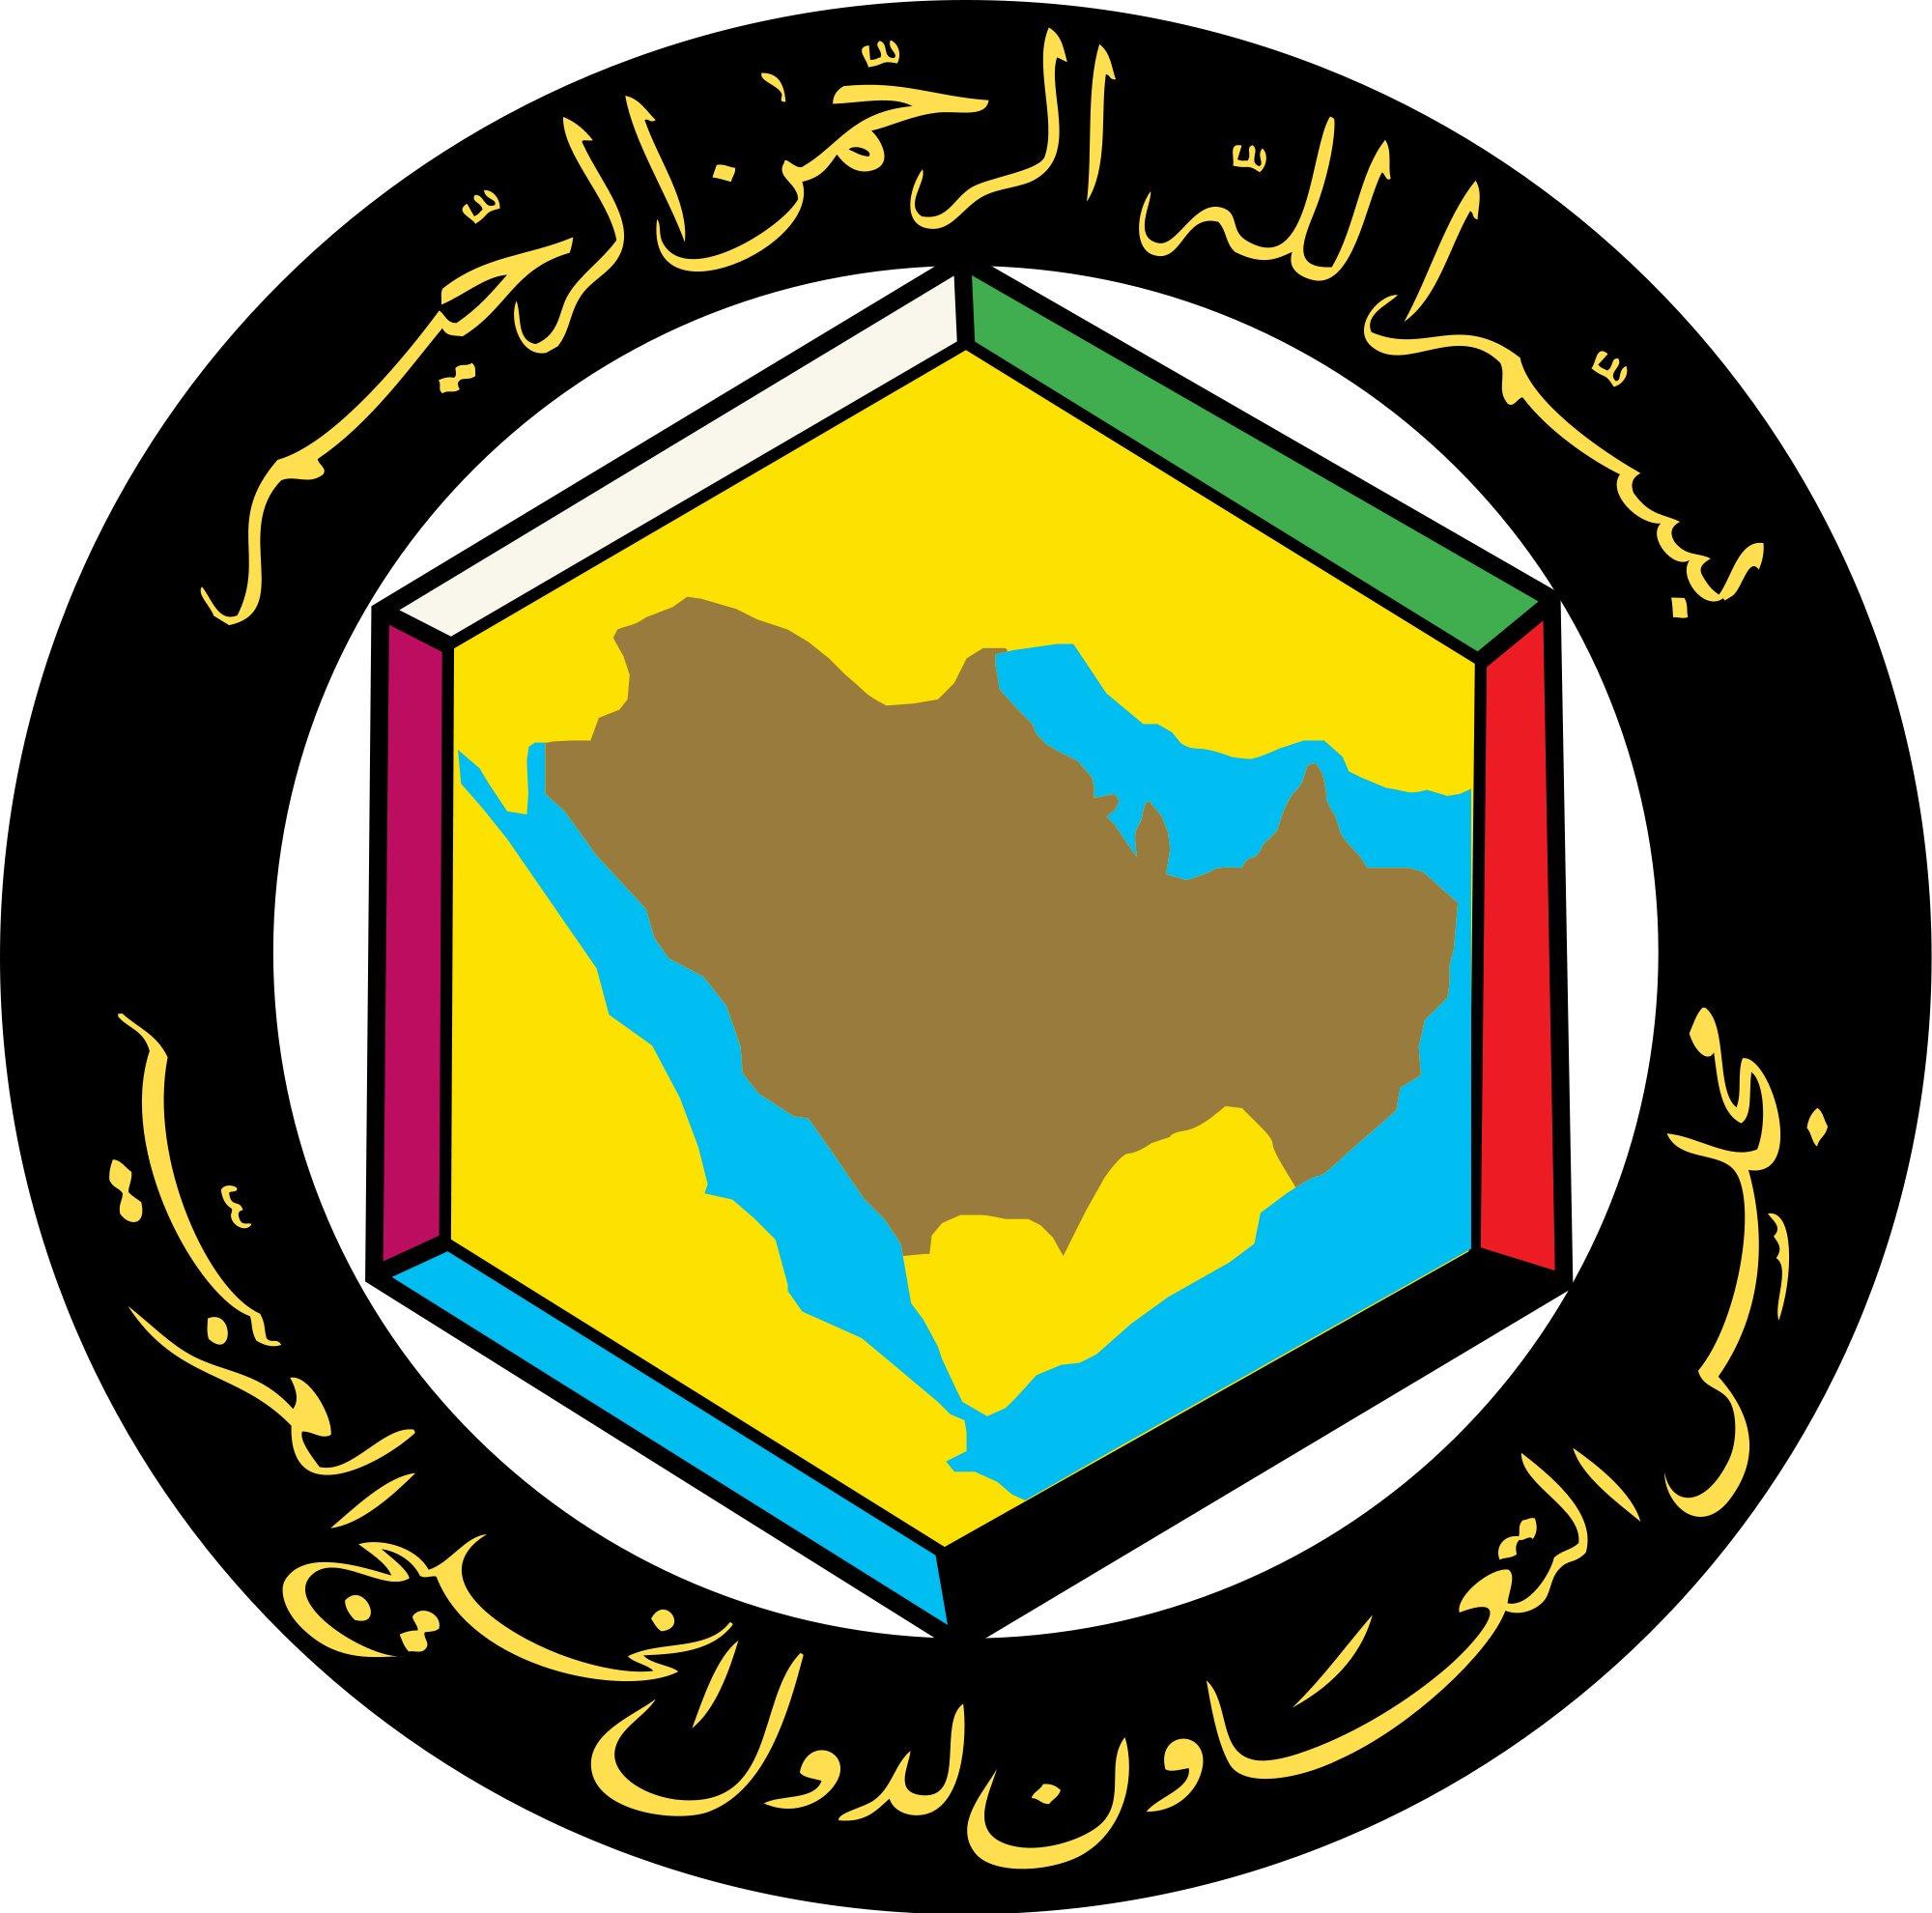 """دول التعاون توافق على مقترح كويتي بإنشاء شبكة """"أمان غذائي متكامل"""""""